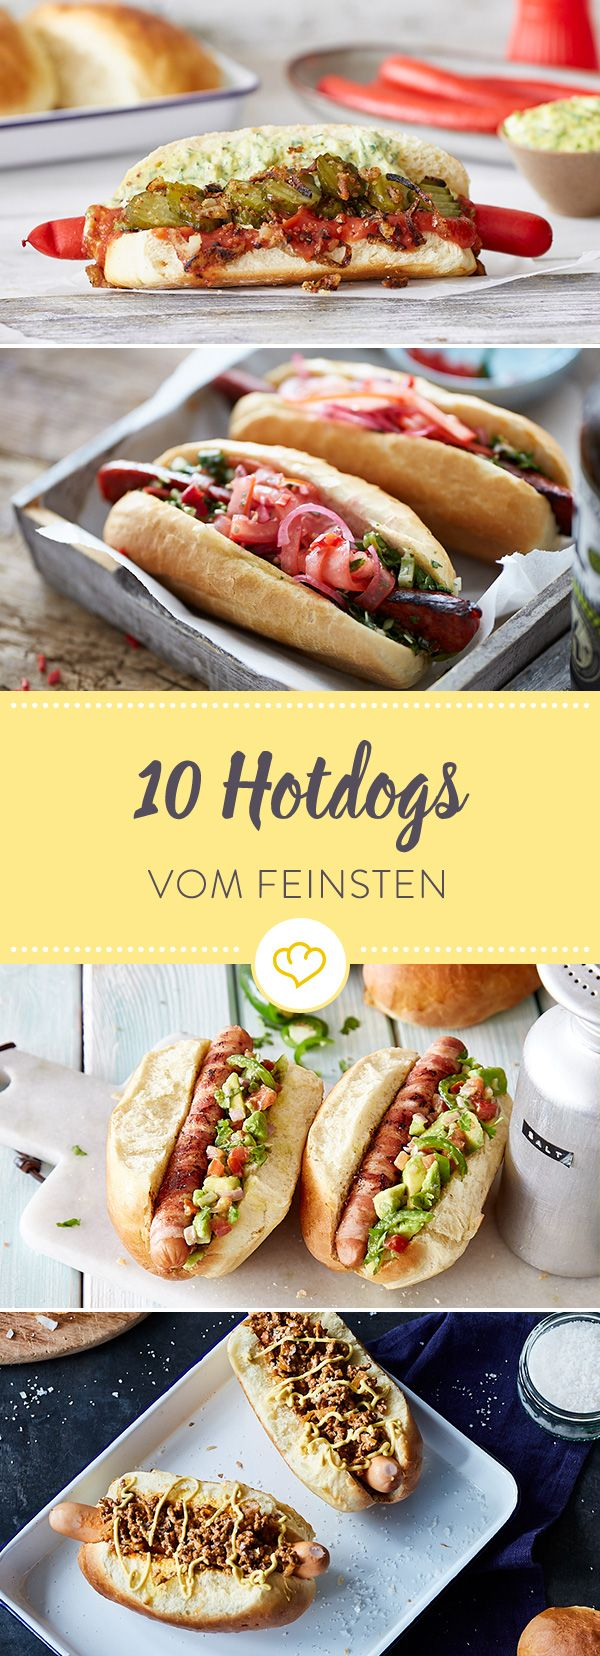 Wenn der Magen mal wieder knurrt und der Heißhunger ruft, gibt es nichts Attraktiveres als einen guten selbstgemachten Hotdog. Lass dich inspirieren.